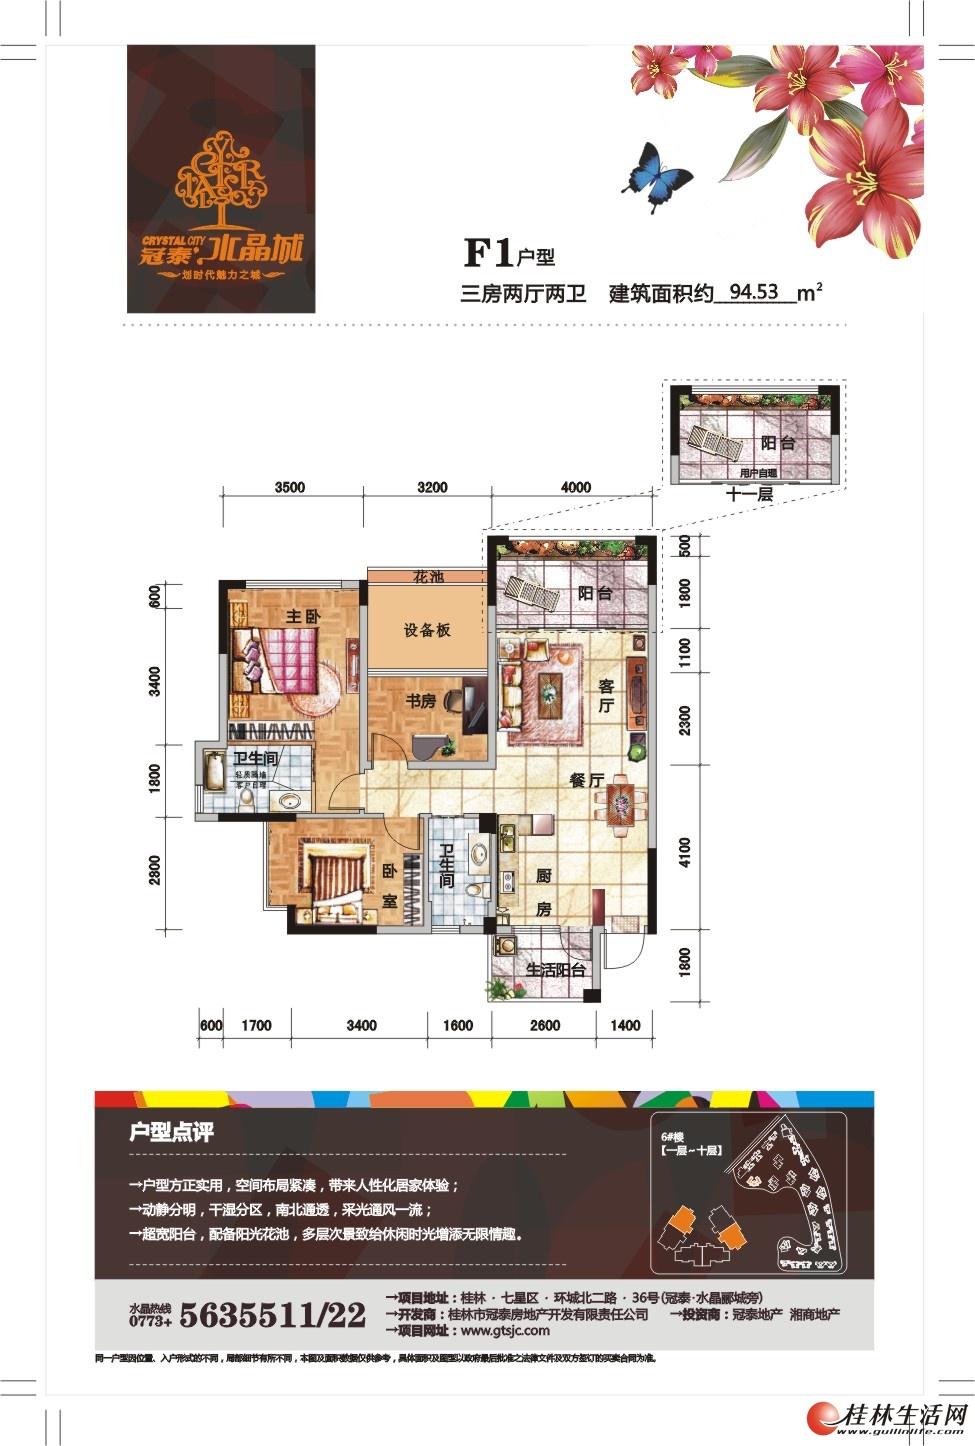 6、16#楼 F1户型 三房两厅两卫 94.53㎡